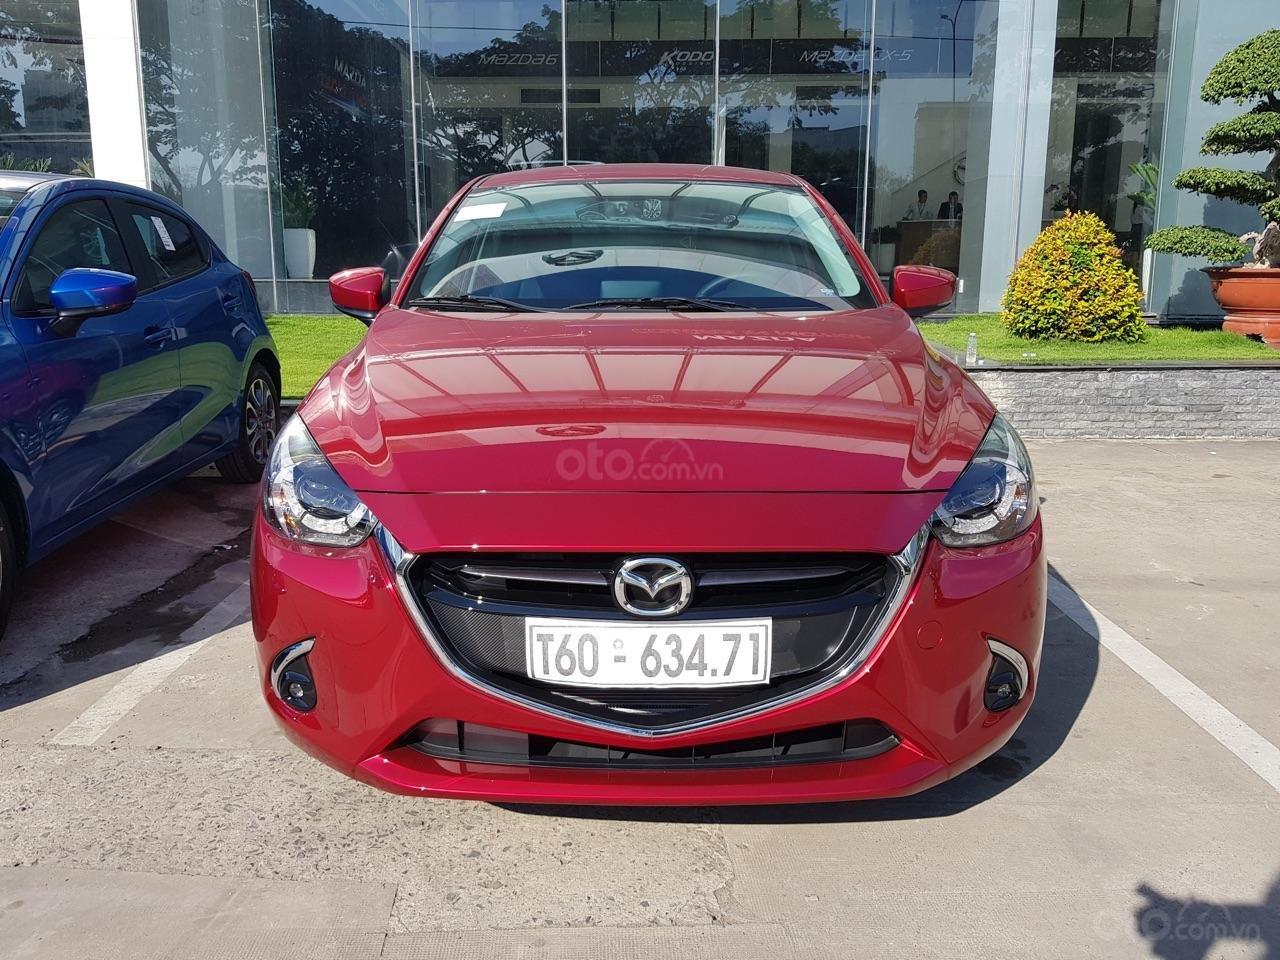 Bán Mazda 2 Premium nhập 2019 – Thanh toán 190tr nhận xe – Hỗ trợ hồ sơ vay-0